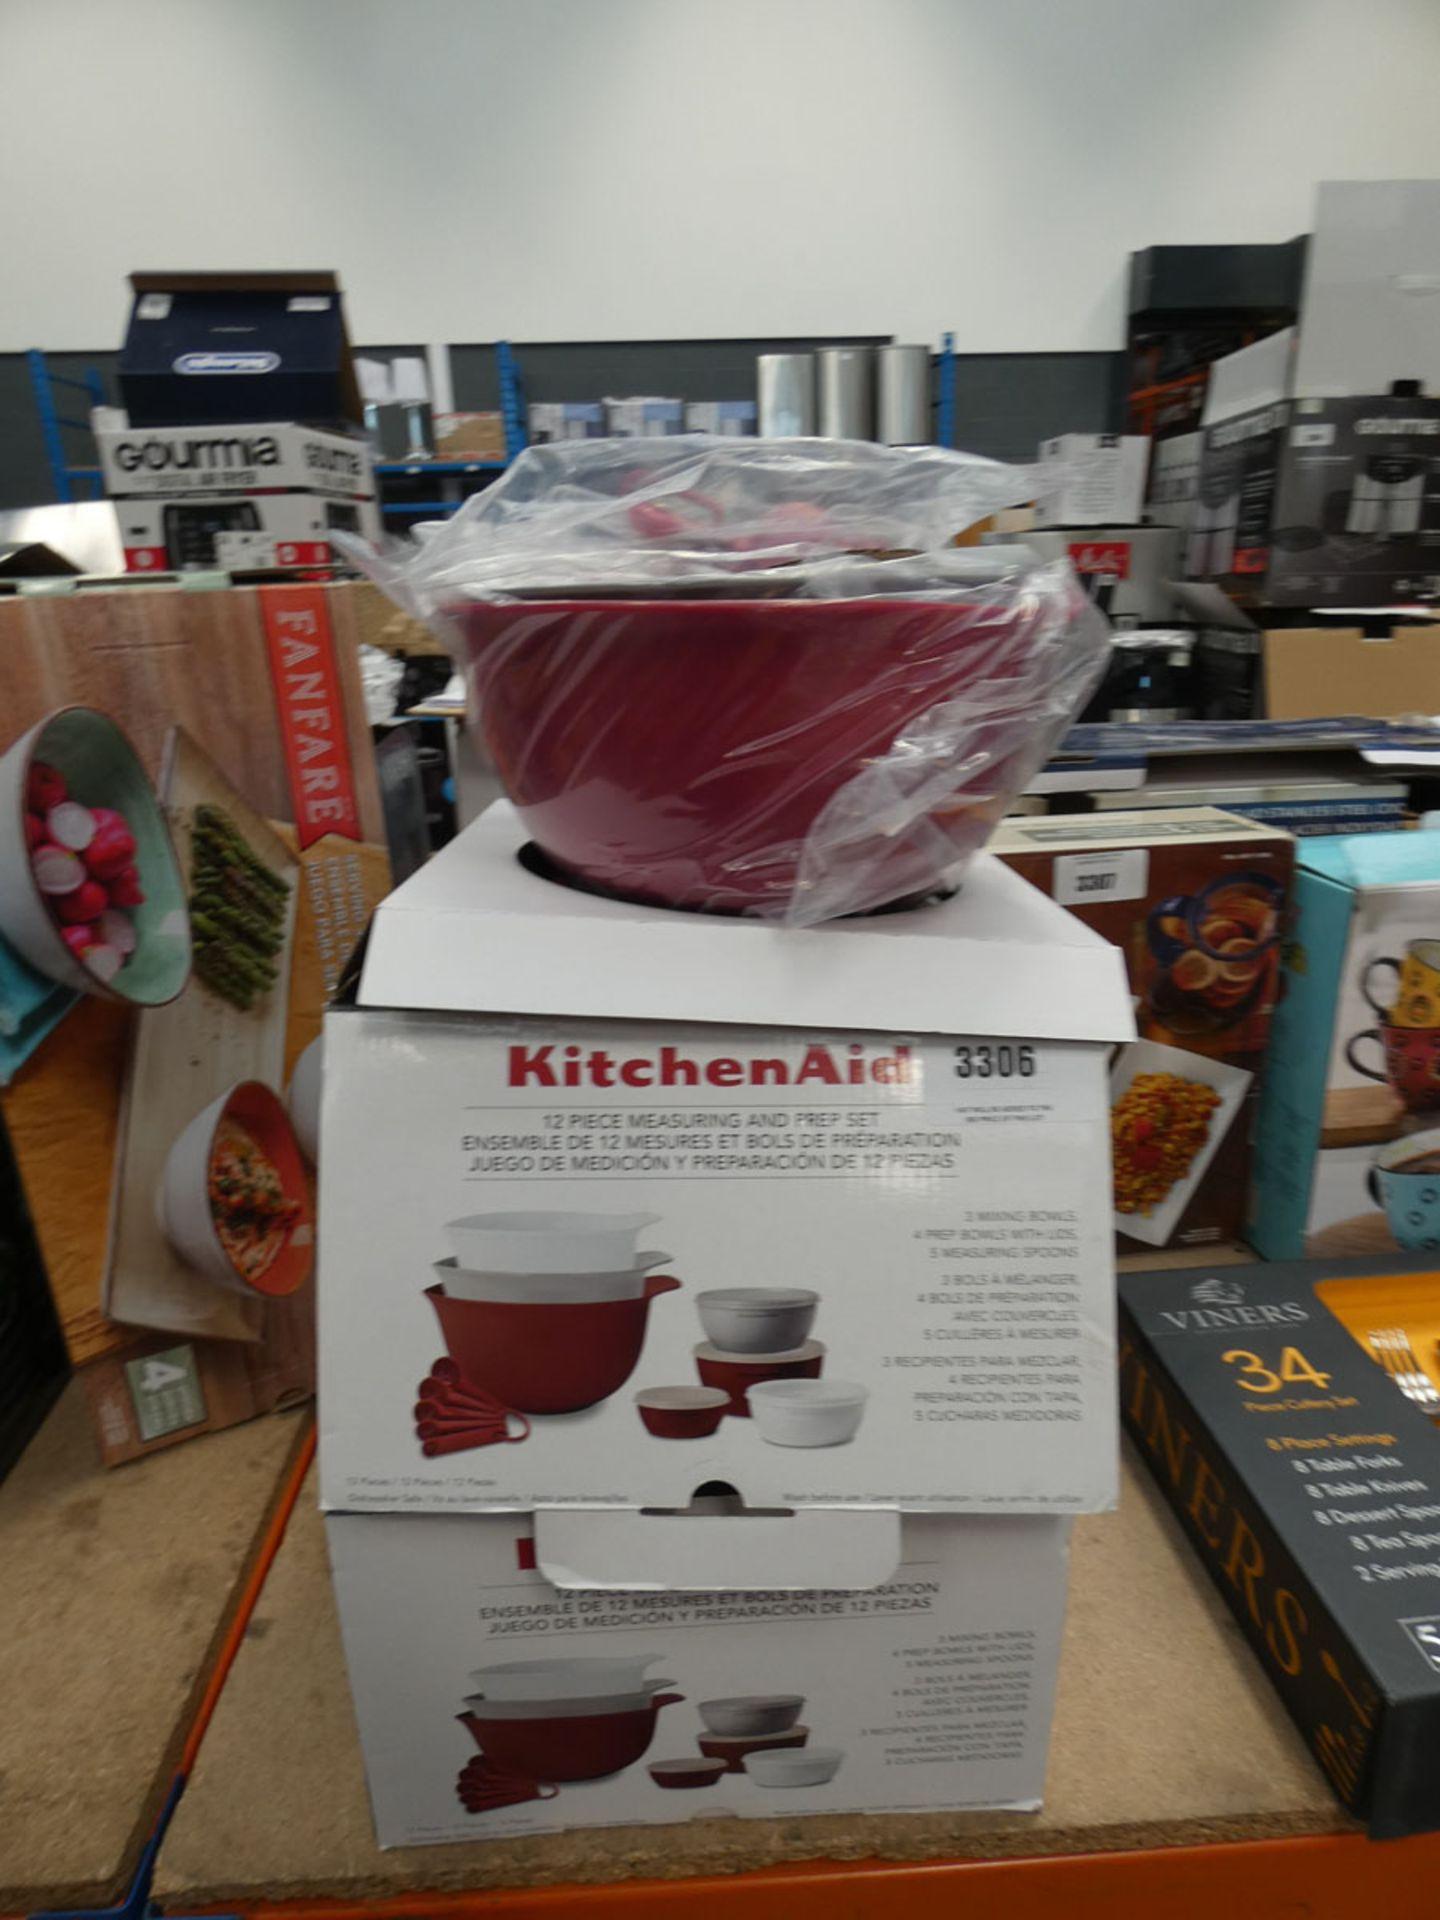 2 boxed Kitchenaid measuring and prep sets